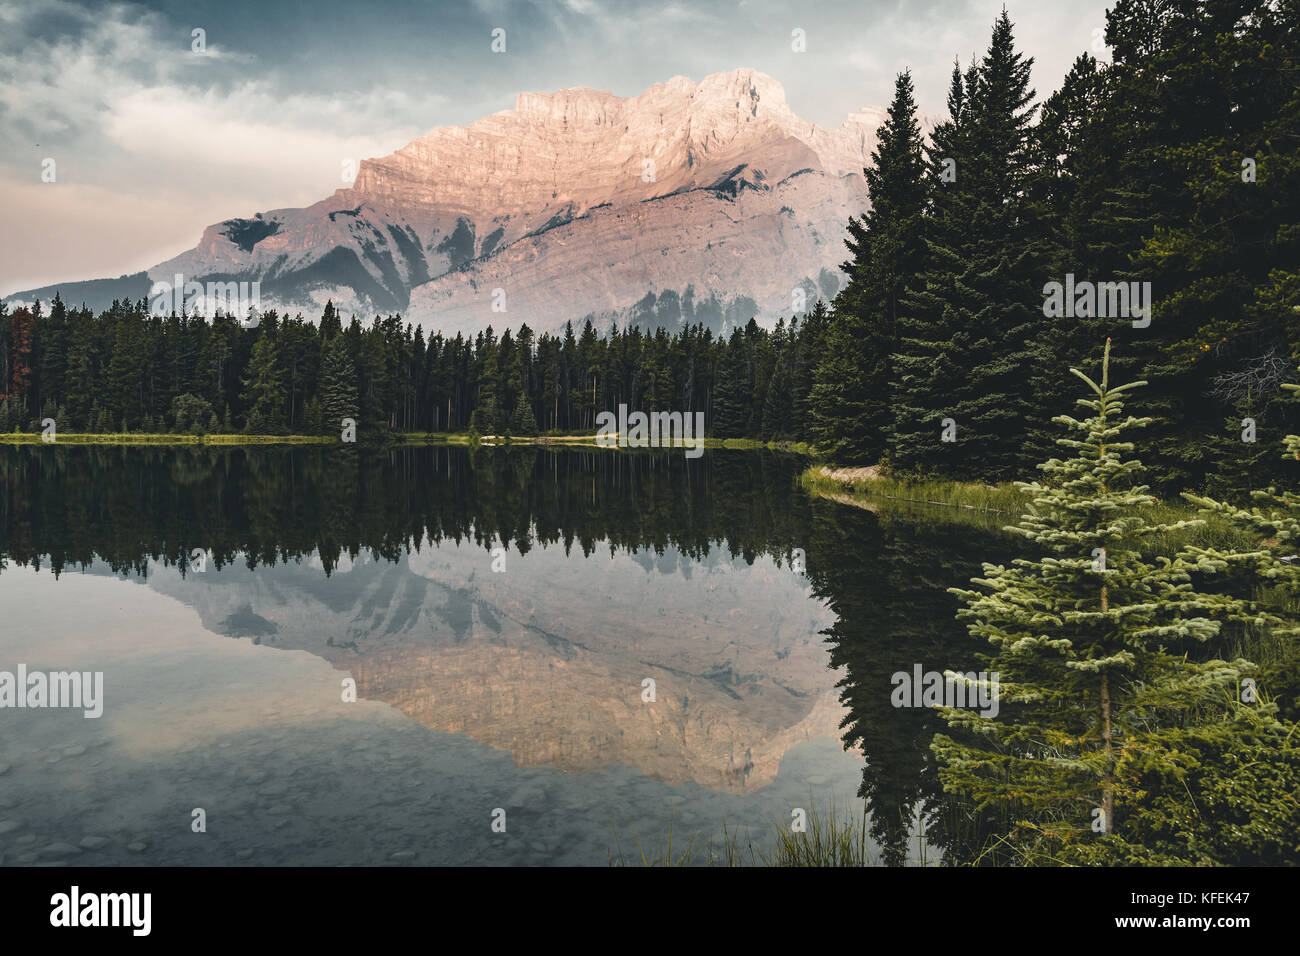 Le lac Two Jack avec des réflexions de montagne le long des deux jack lake Photo Stock